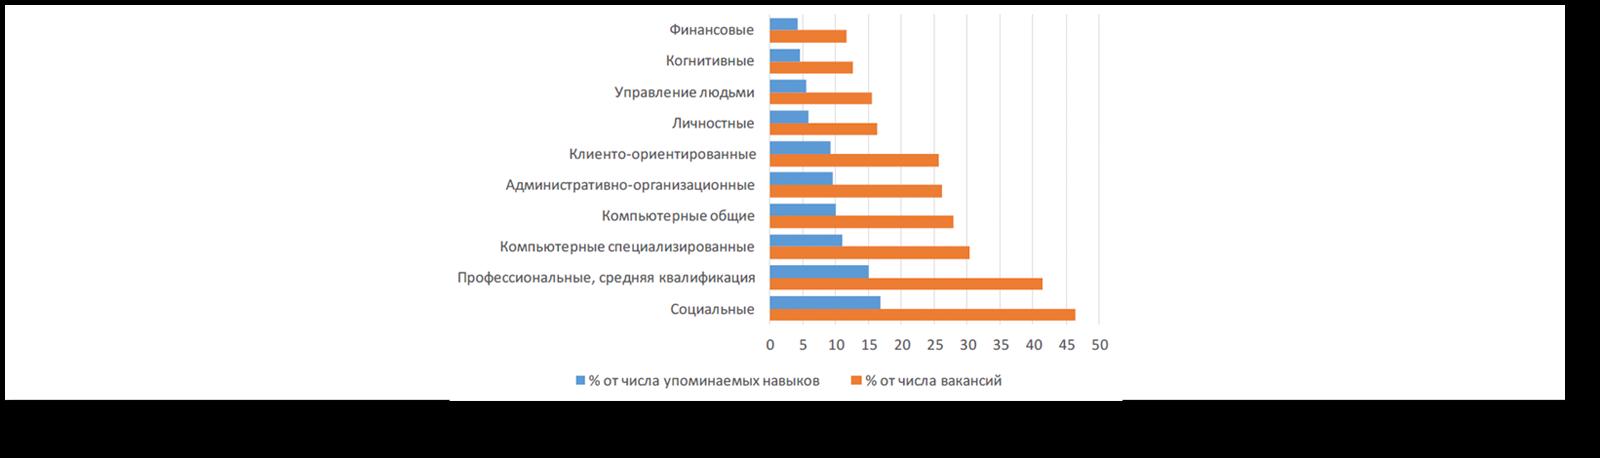 Рынок труда и демография: «размолаживание» рабочей силы